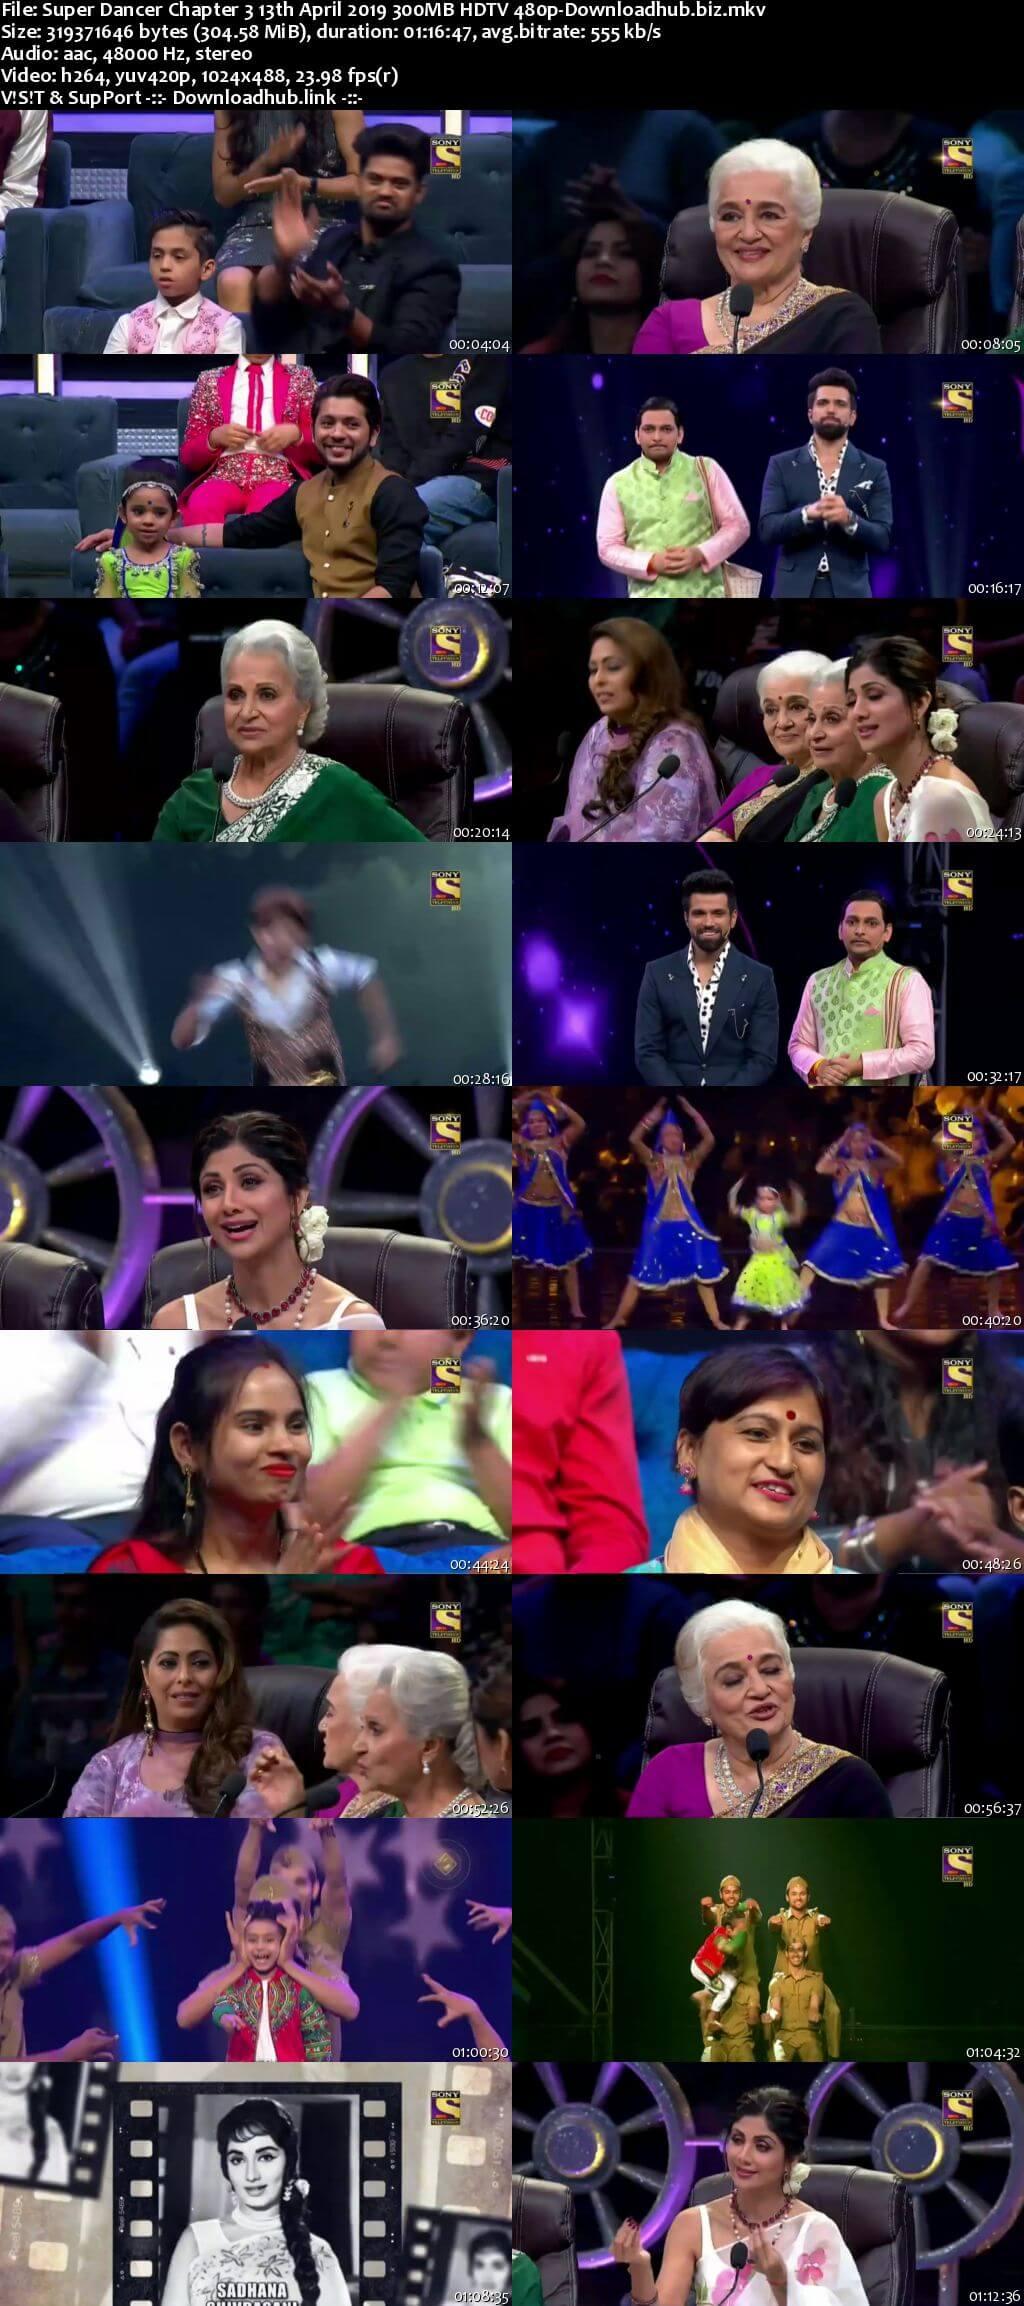 Super Dancer Chapter 3 13 April 2019 Episode 31 HDTV 480p